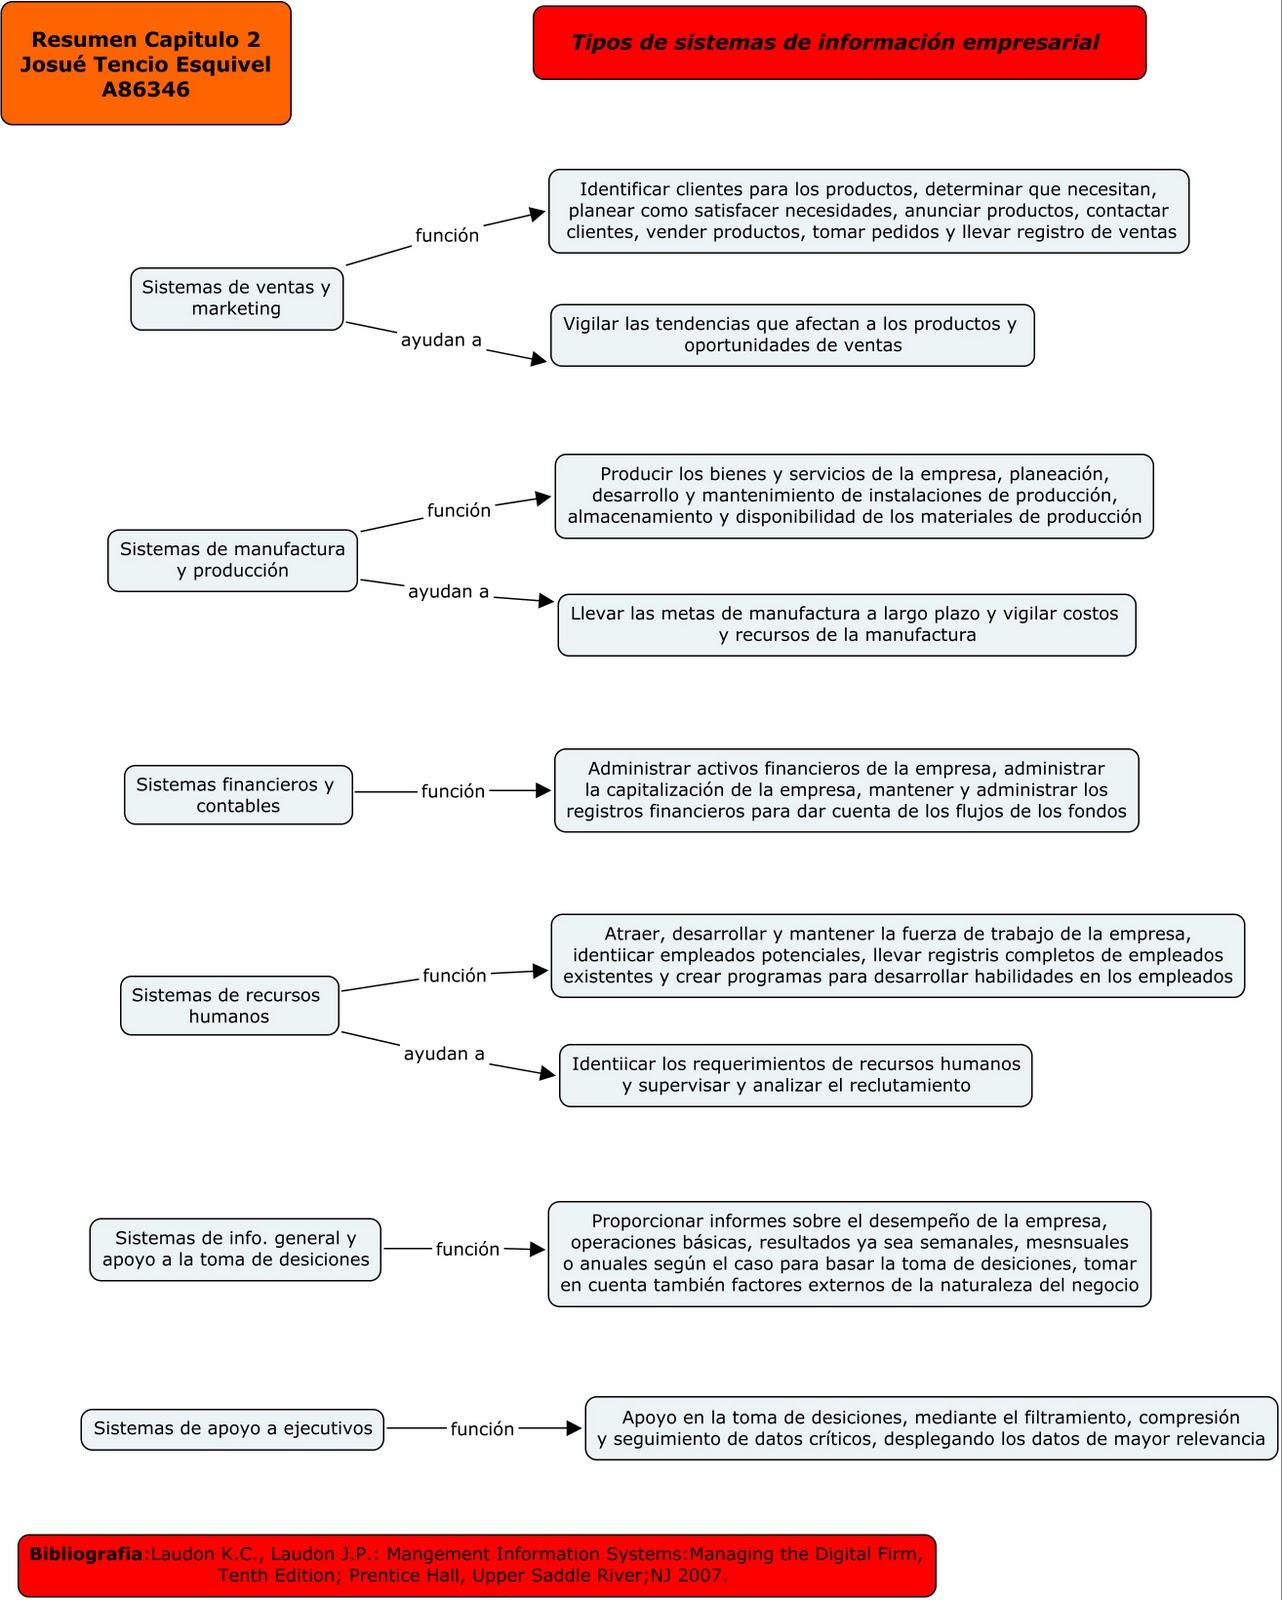 Informatica Resume: Informática Aplicada A Los Negocios: Resumen Cap.2 Tipos